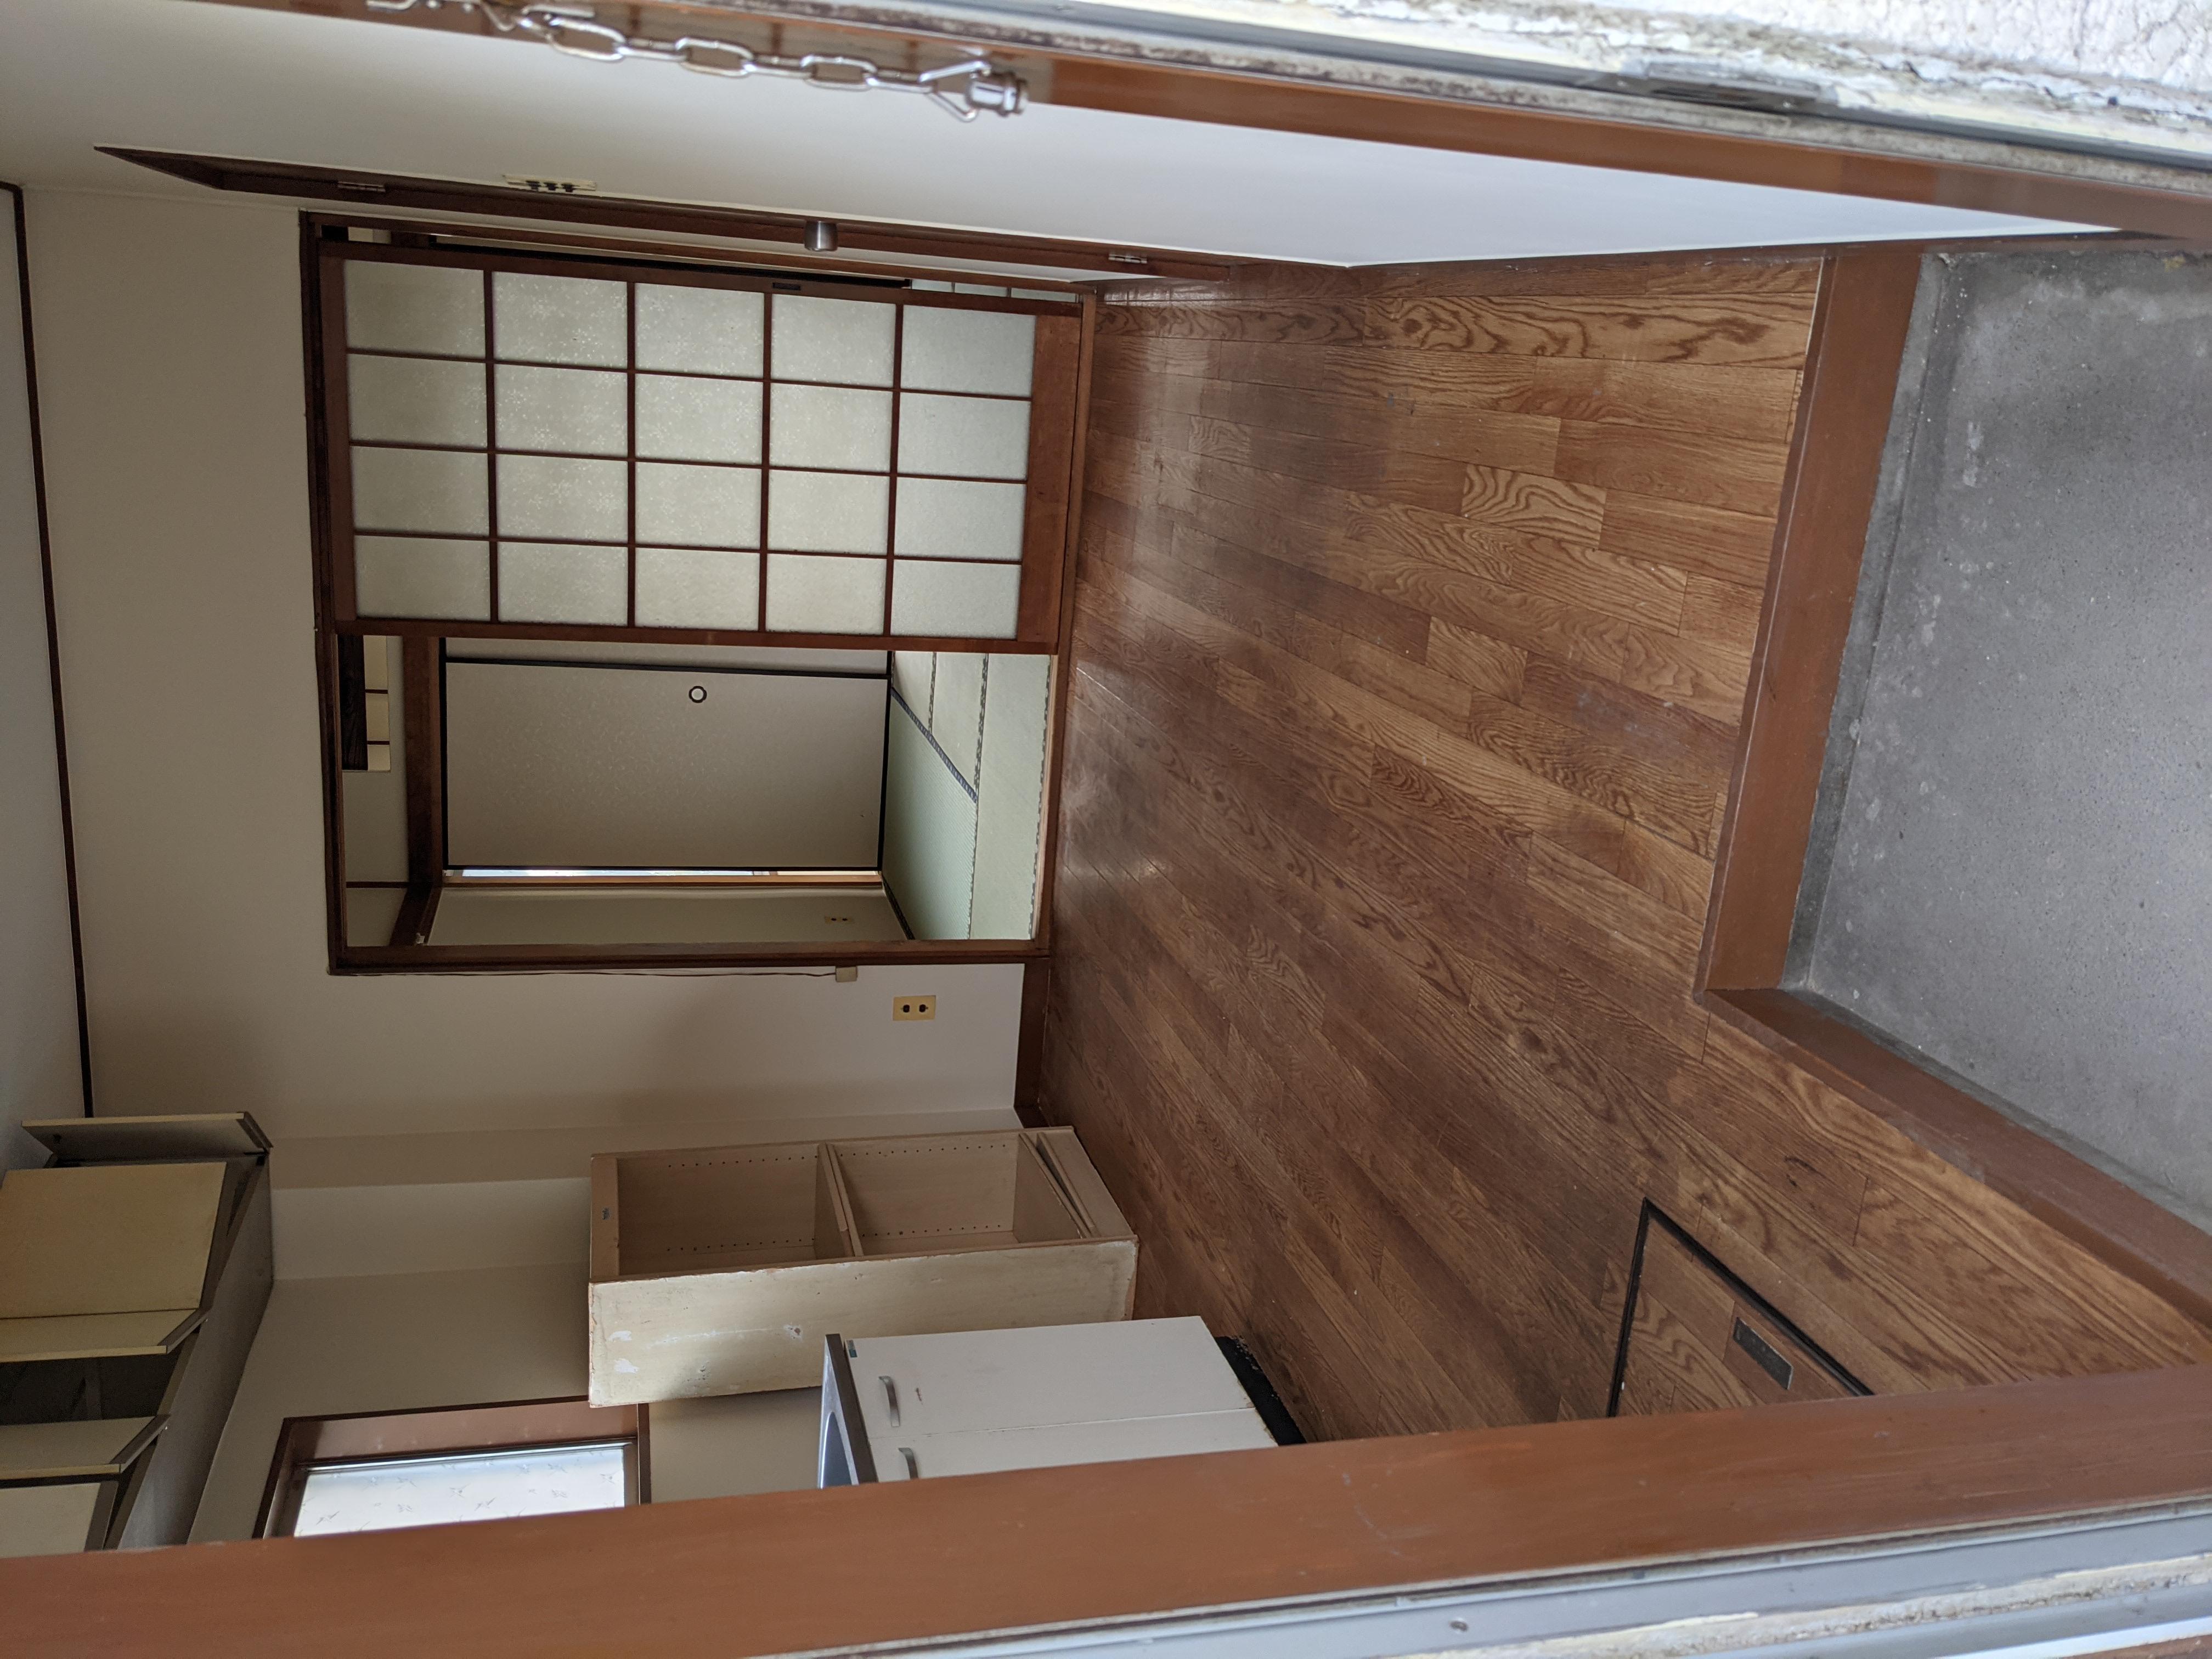 アパート 101号室(ほぼ空部屋)玄関、台所